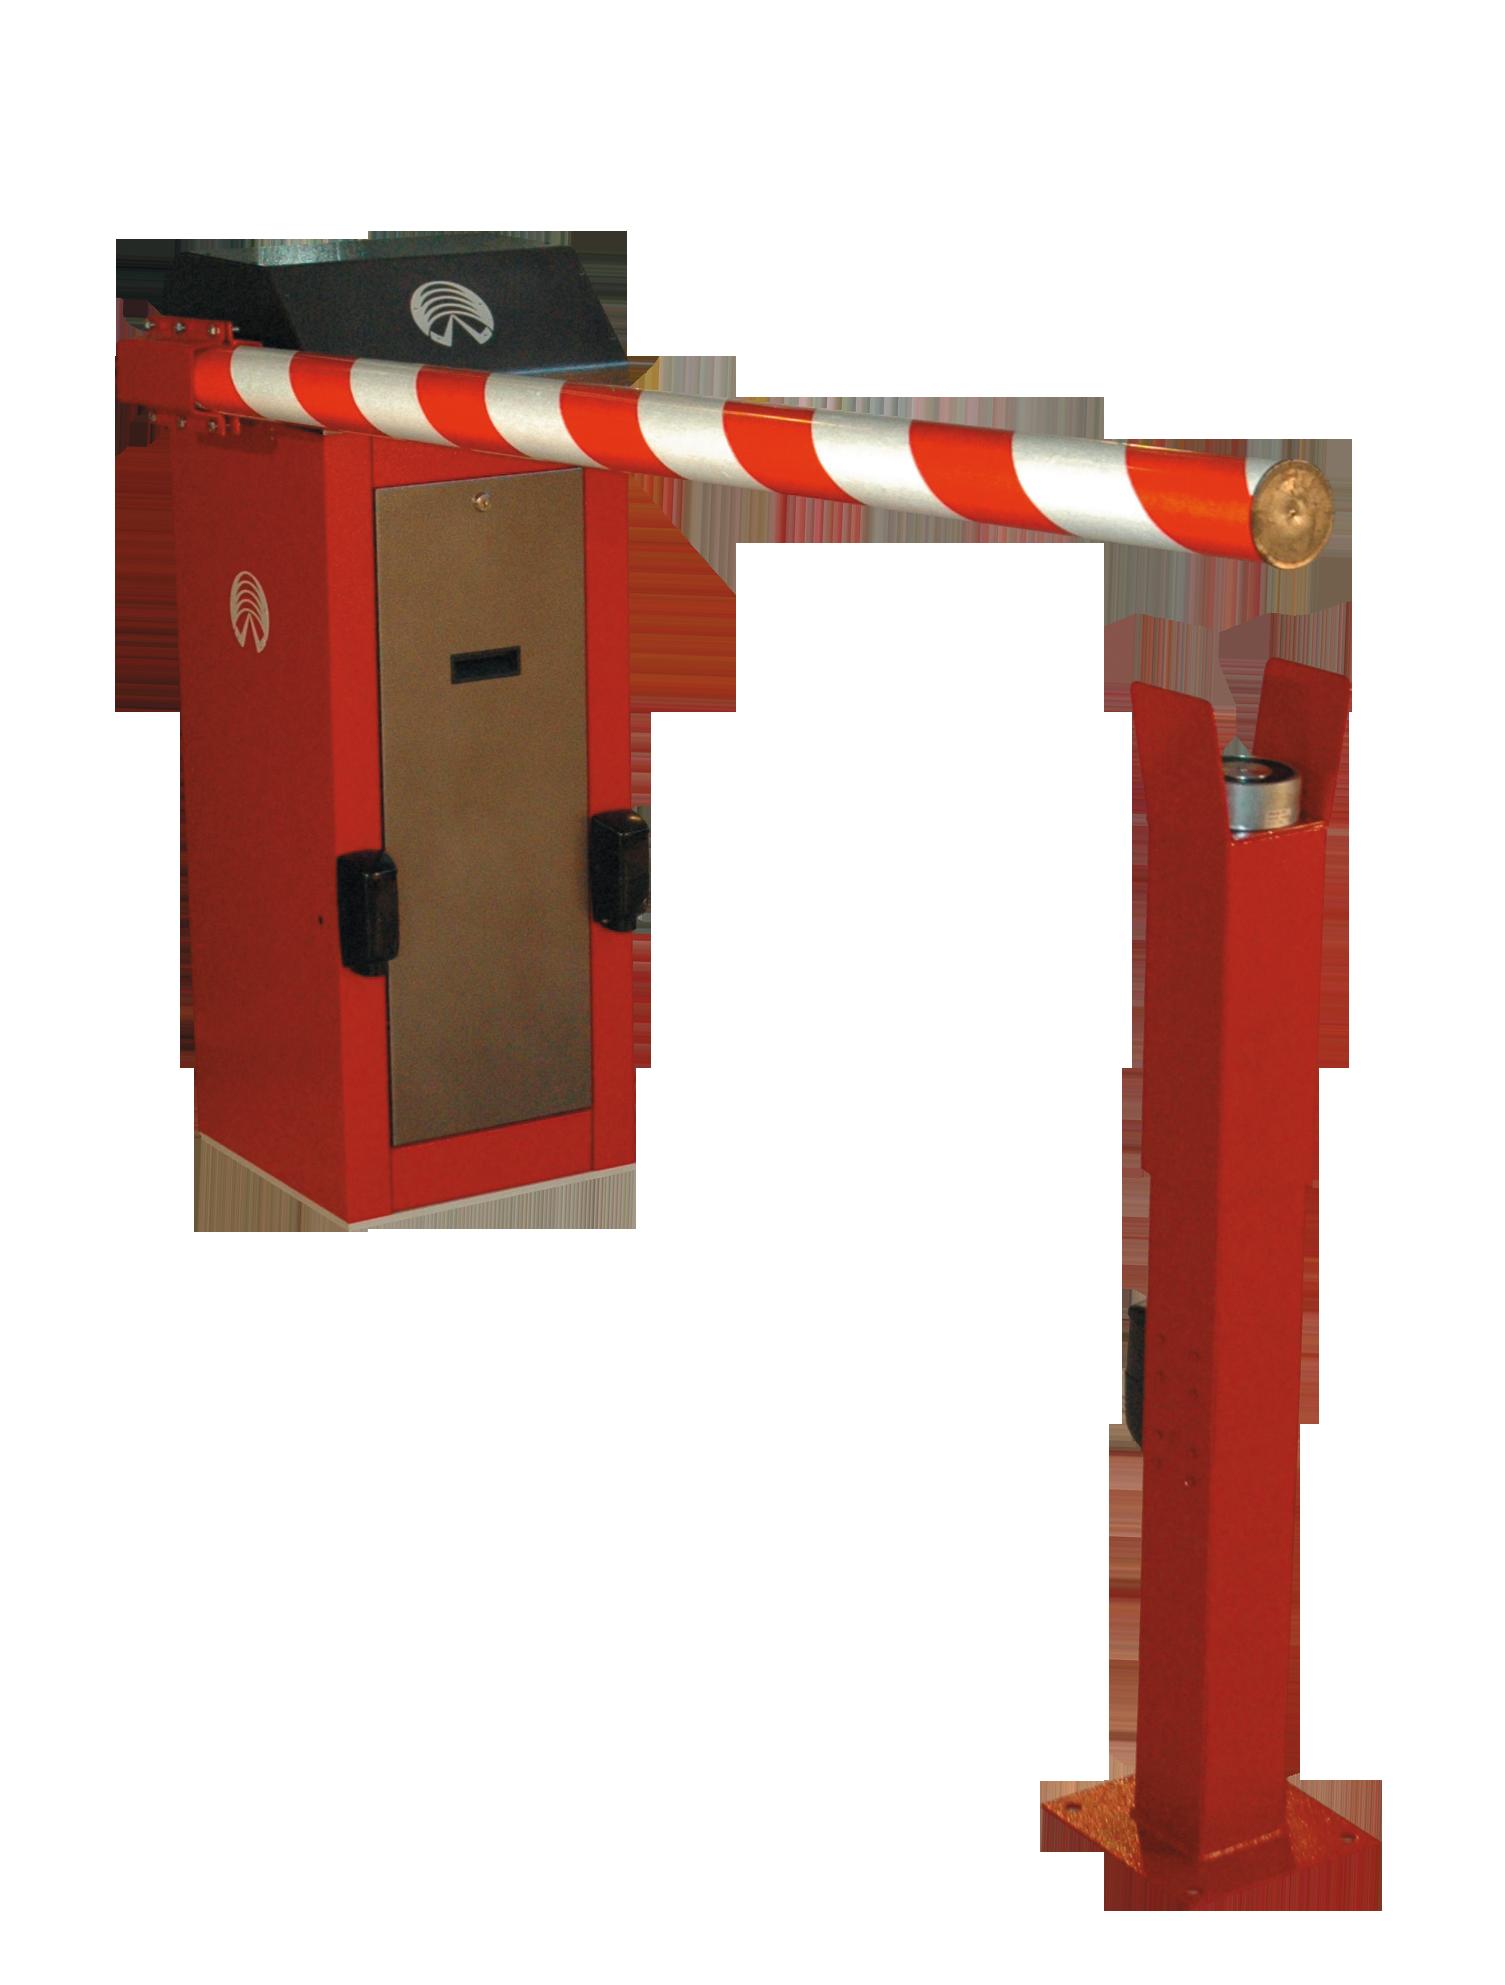 barriere automatique